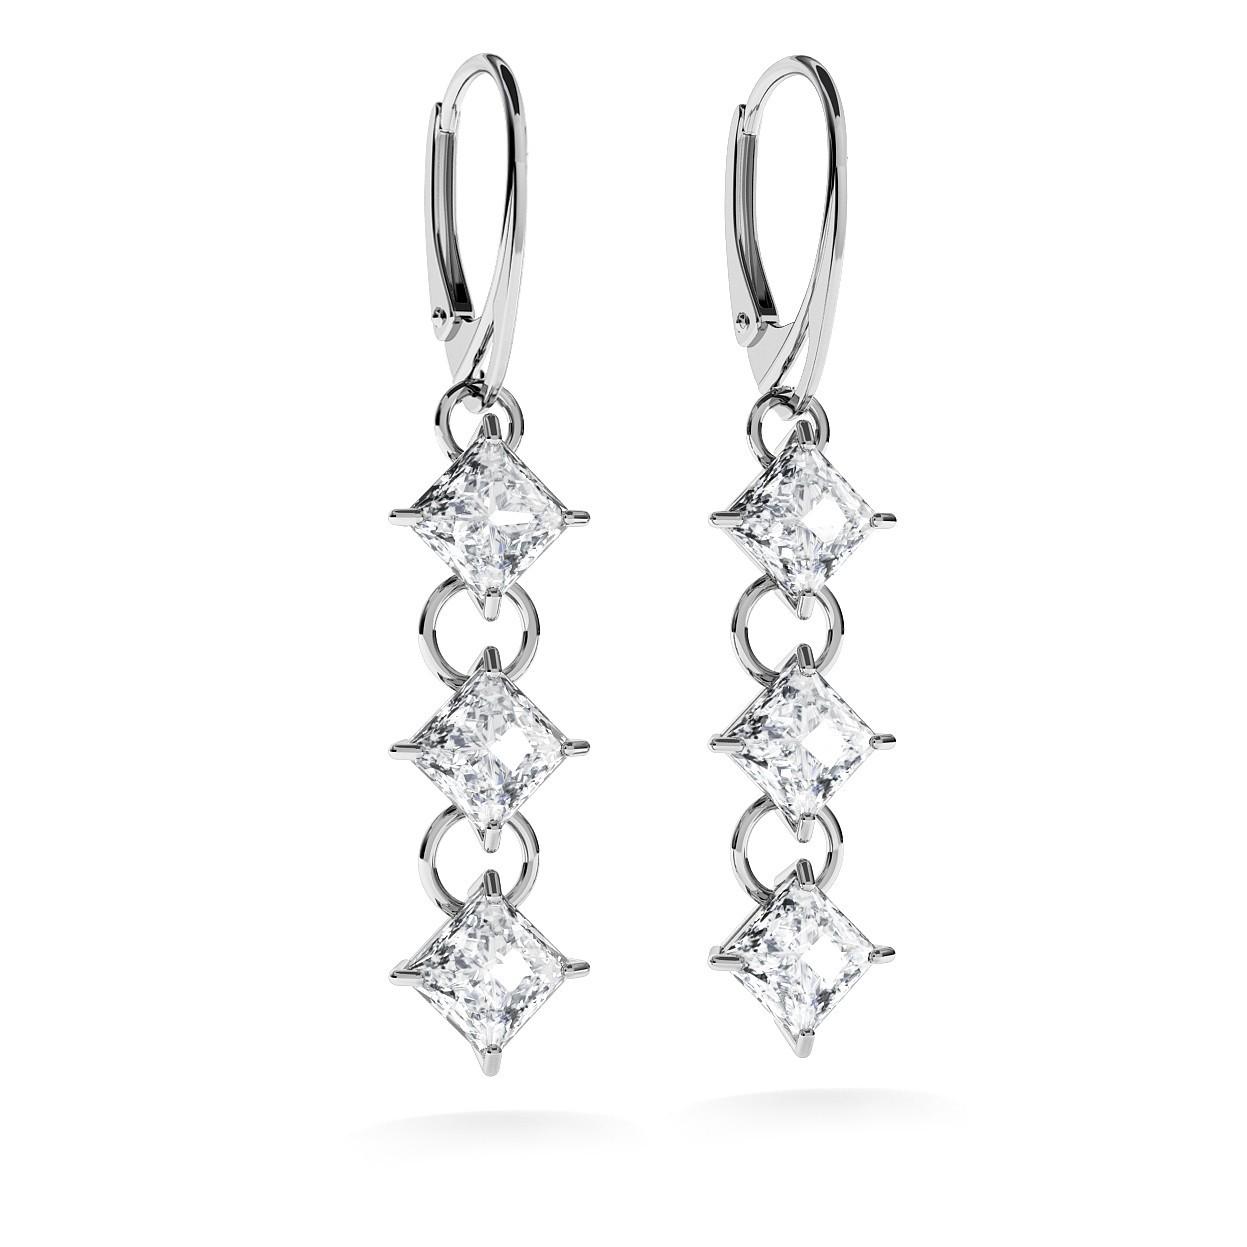 Boucles d'oreilles avec zircons 6x6 mm, bijoux de mariage, modèle 1